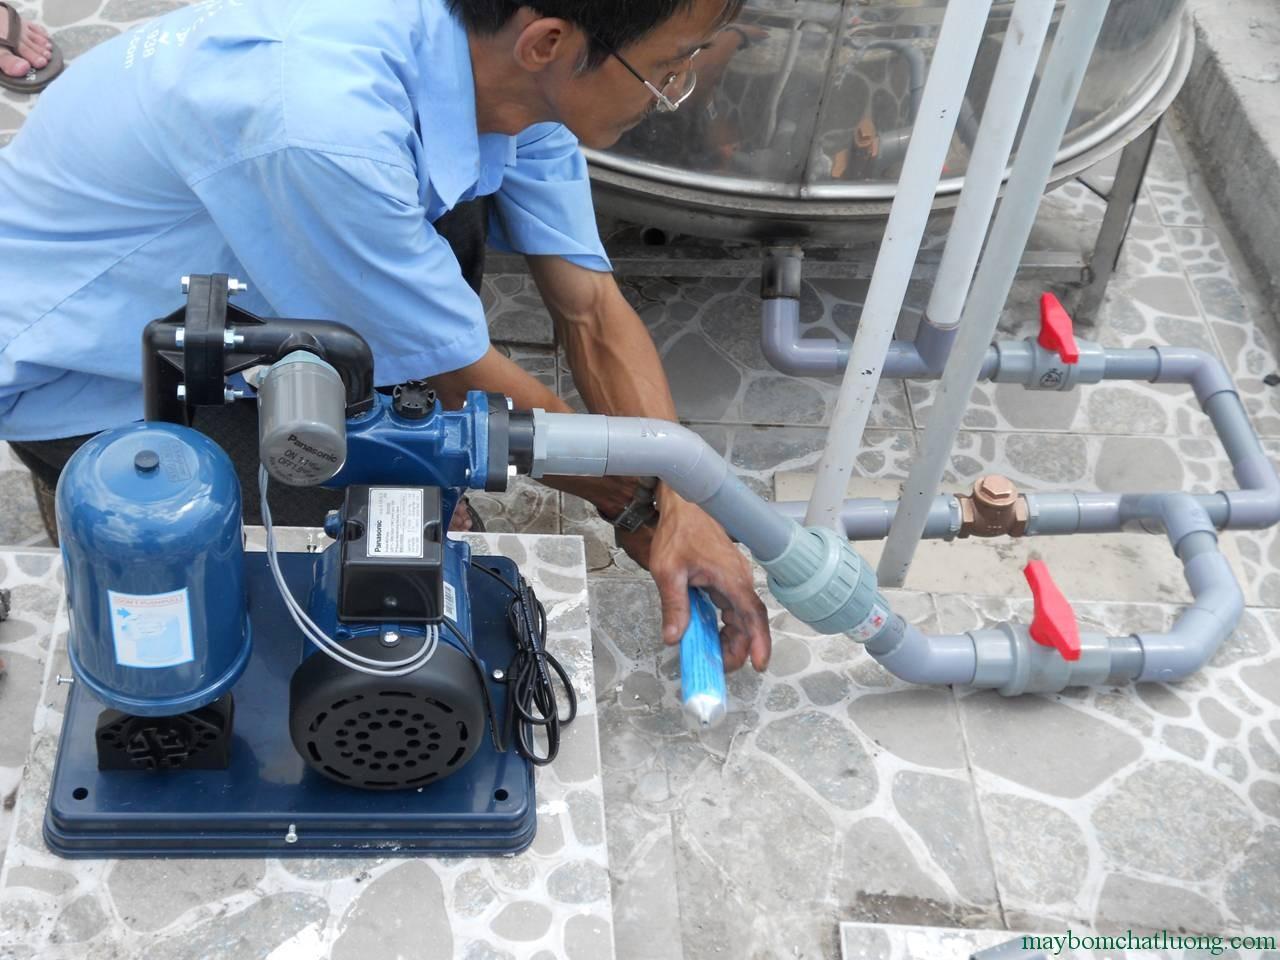 Sửa chữa máy bơm nước tại Khuất Duy Tiến 0974222023 giá rẻ